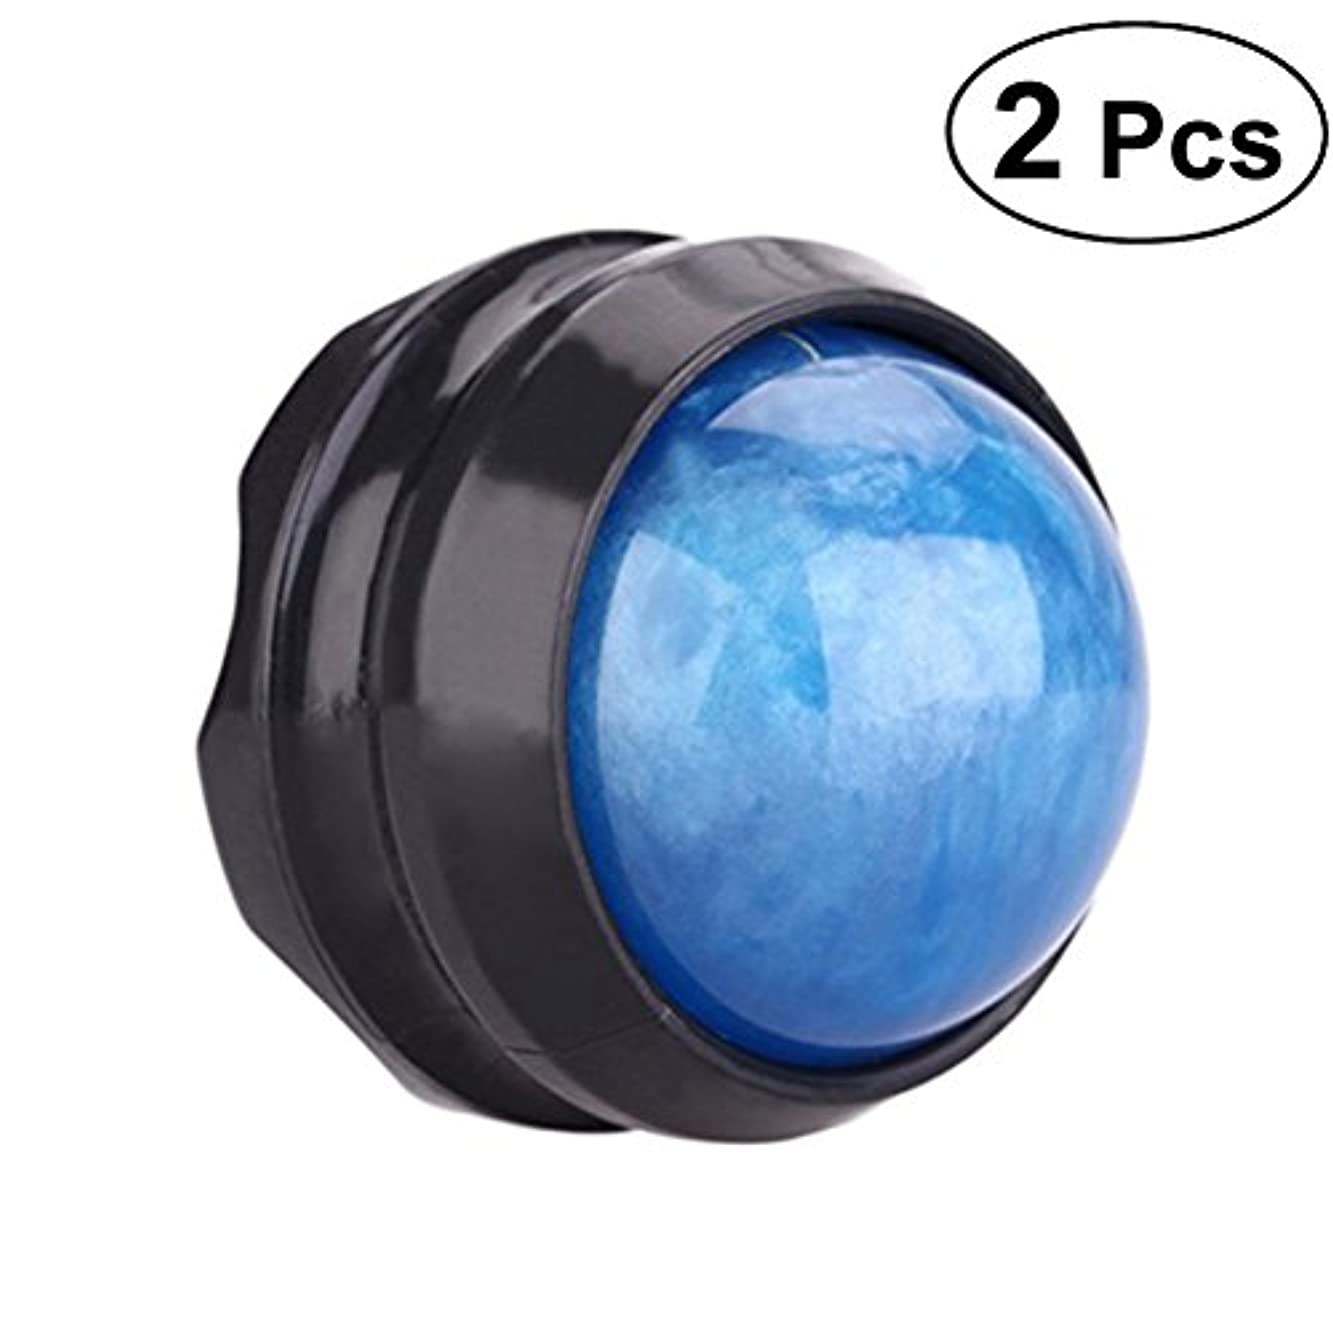 大理石シェアコットンHealifty マッサージ ボール リラックスボール ローラー  足 ほぐし 健康器具 血行促進 頭痛 浮腫み解消 疲労回復 360度回転 2個入(青)